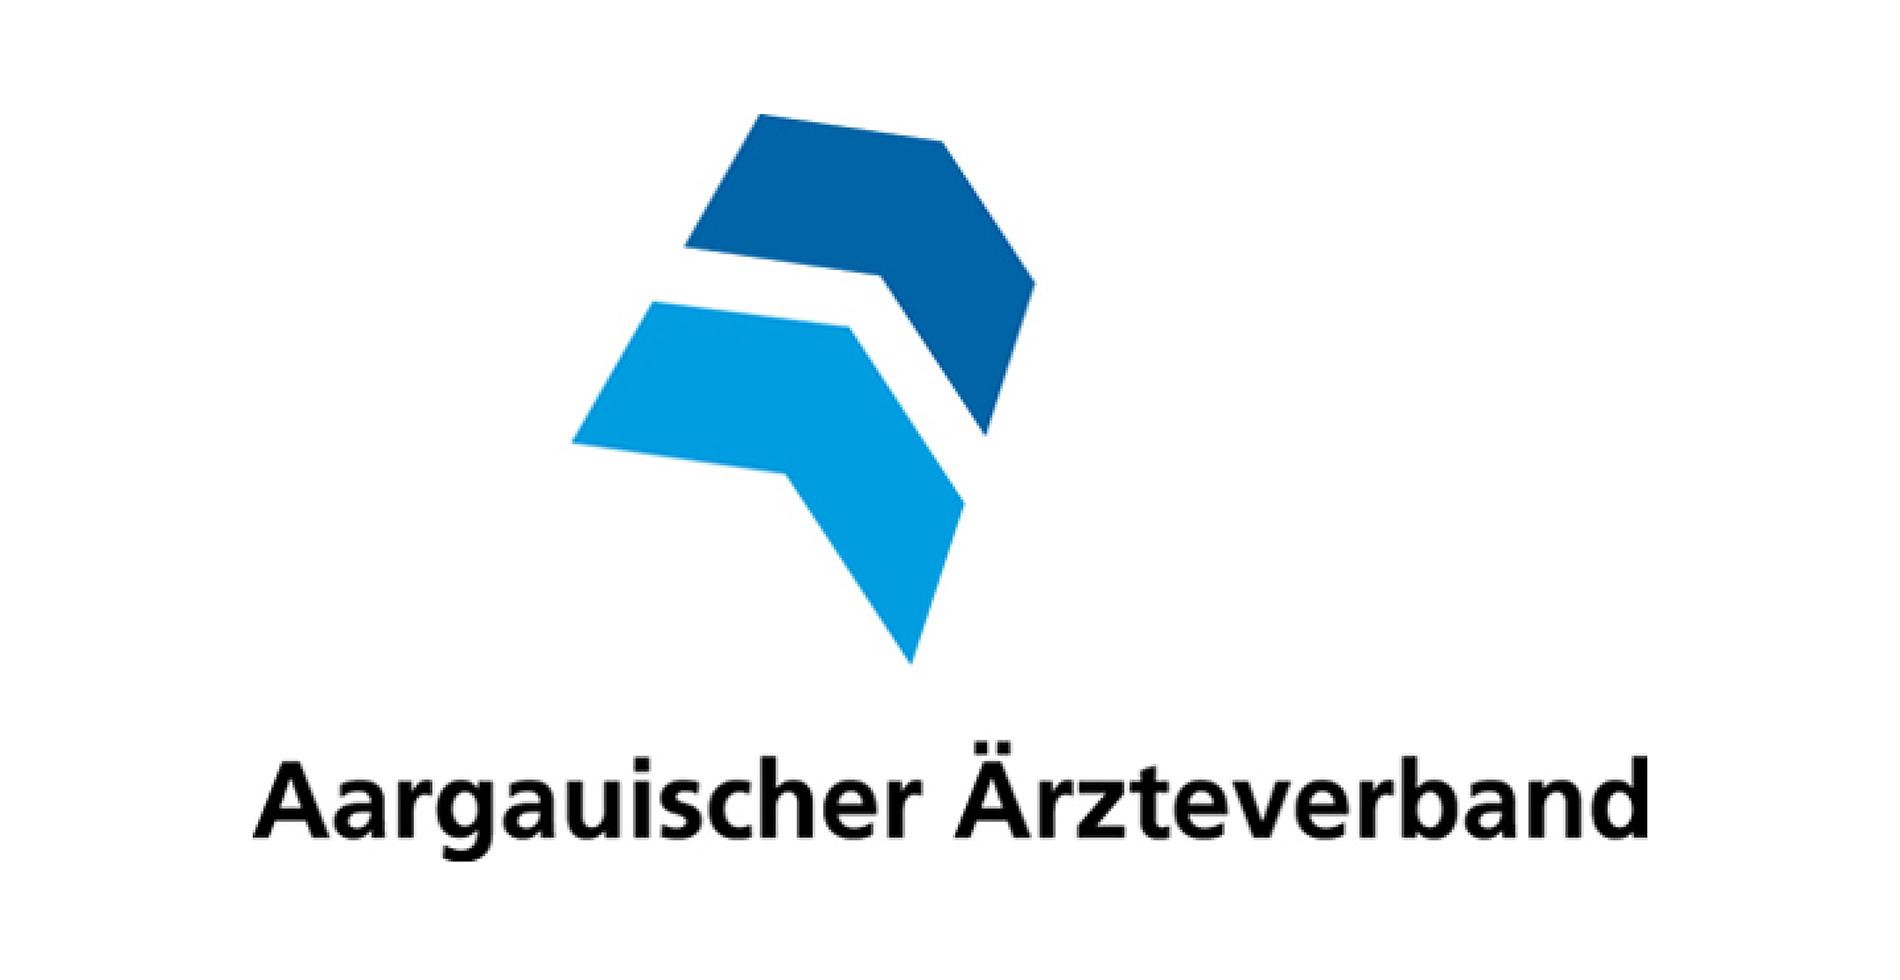 Aargauischer Arzteverband Logo